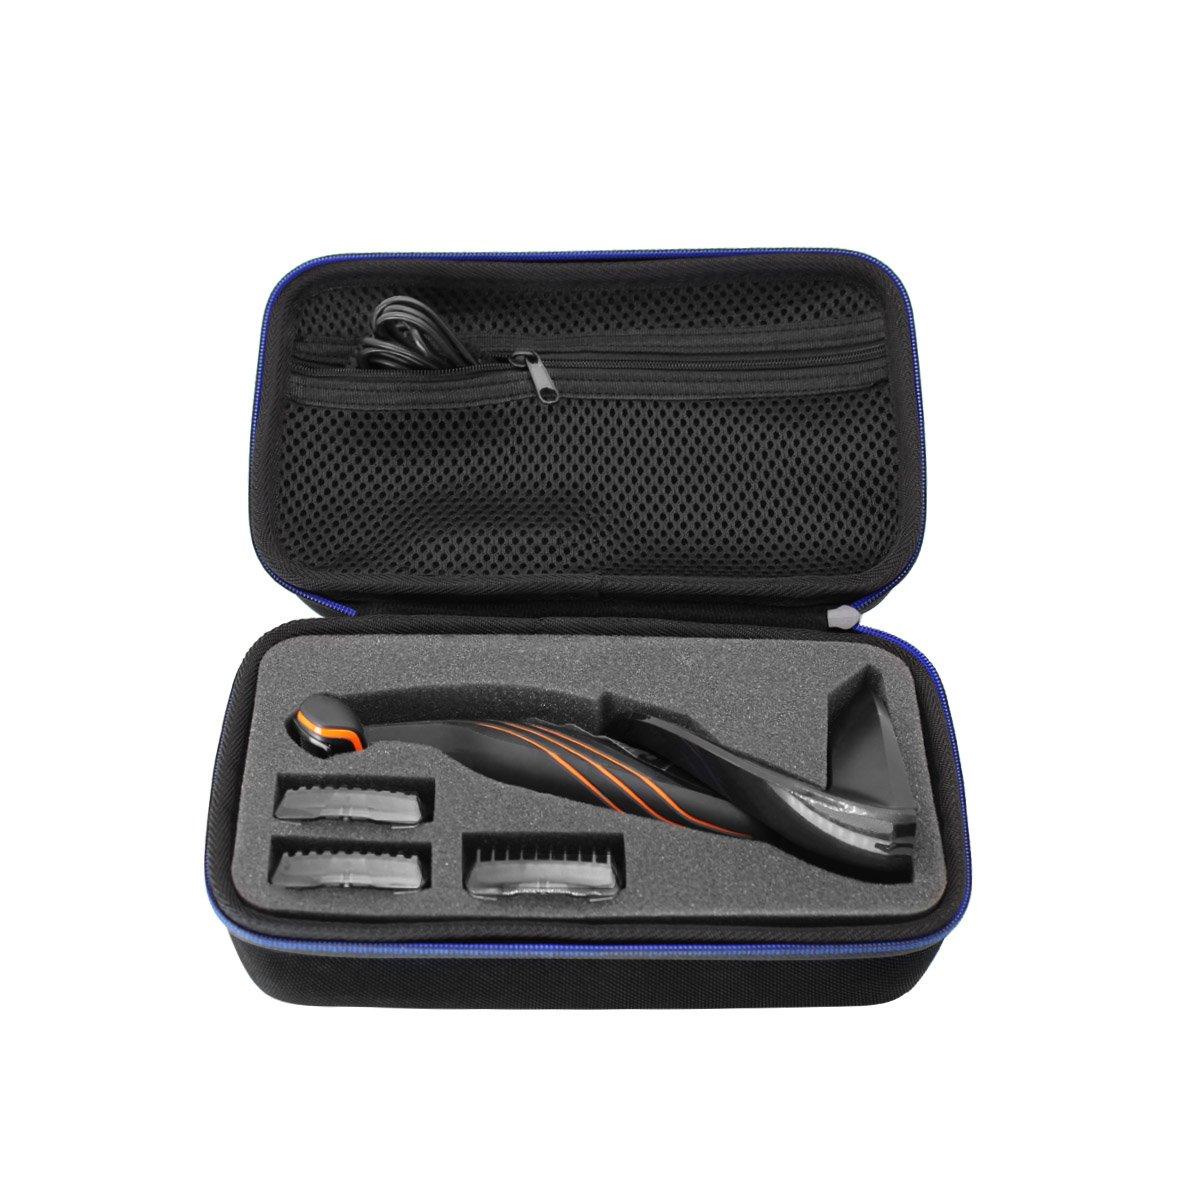 Hard Travel Case Bag for Philips Norelco BG2036/32 BG2034/42 Bodygroomer, Series 3000 by GUBEE